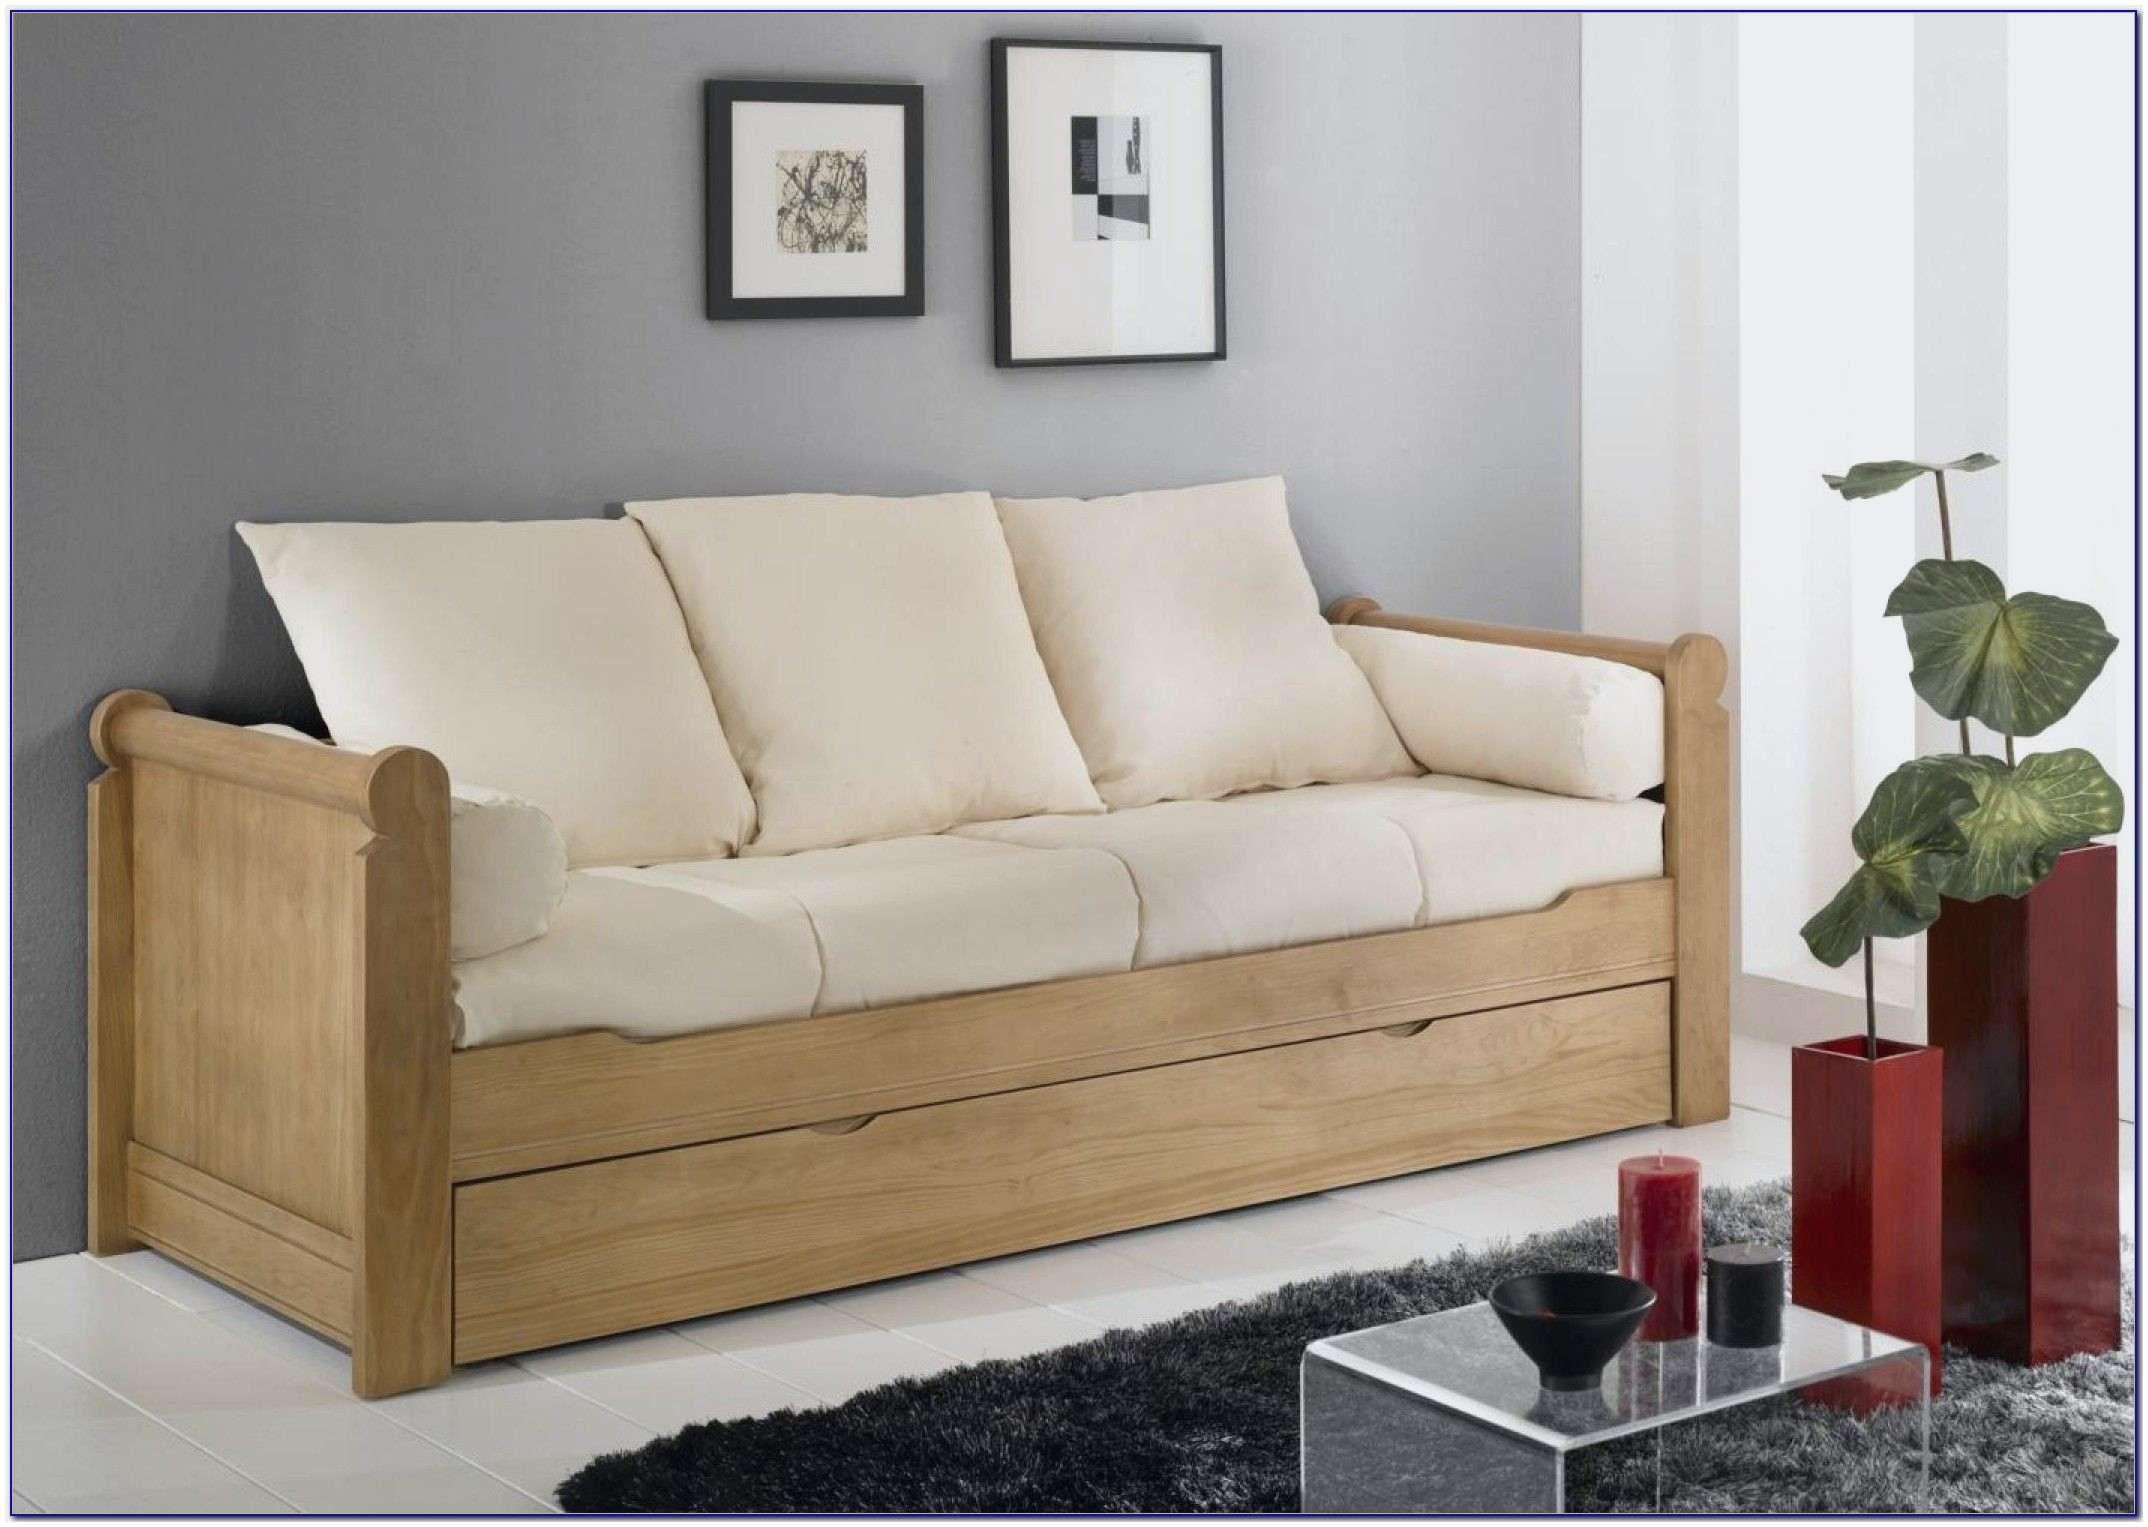 Canapé Convertible Lit Inspirant Frais Luxury Canapé Lit Matelas Pour Meilleur Ikea Canapé 2 Places